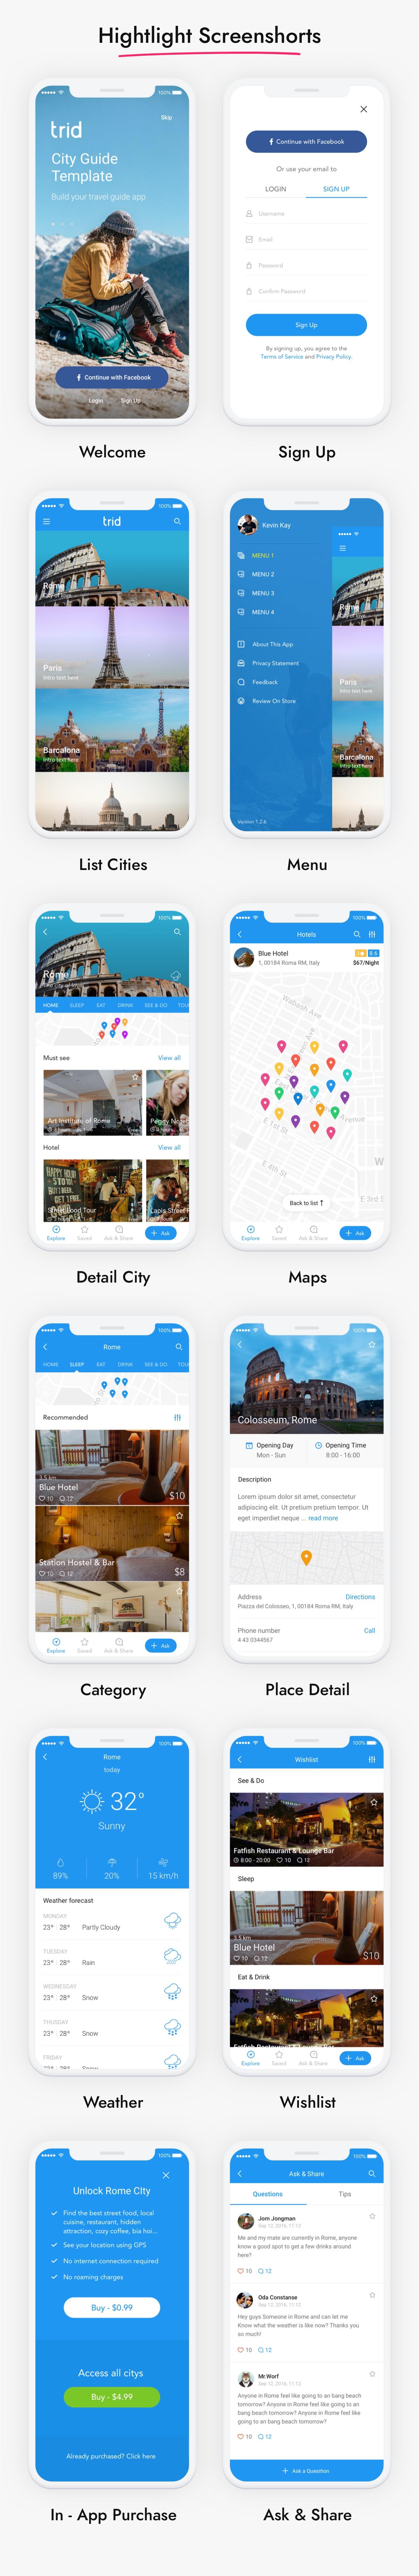 City Travel Guide iOS App